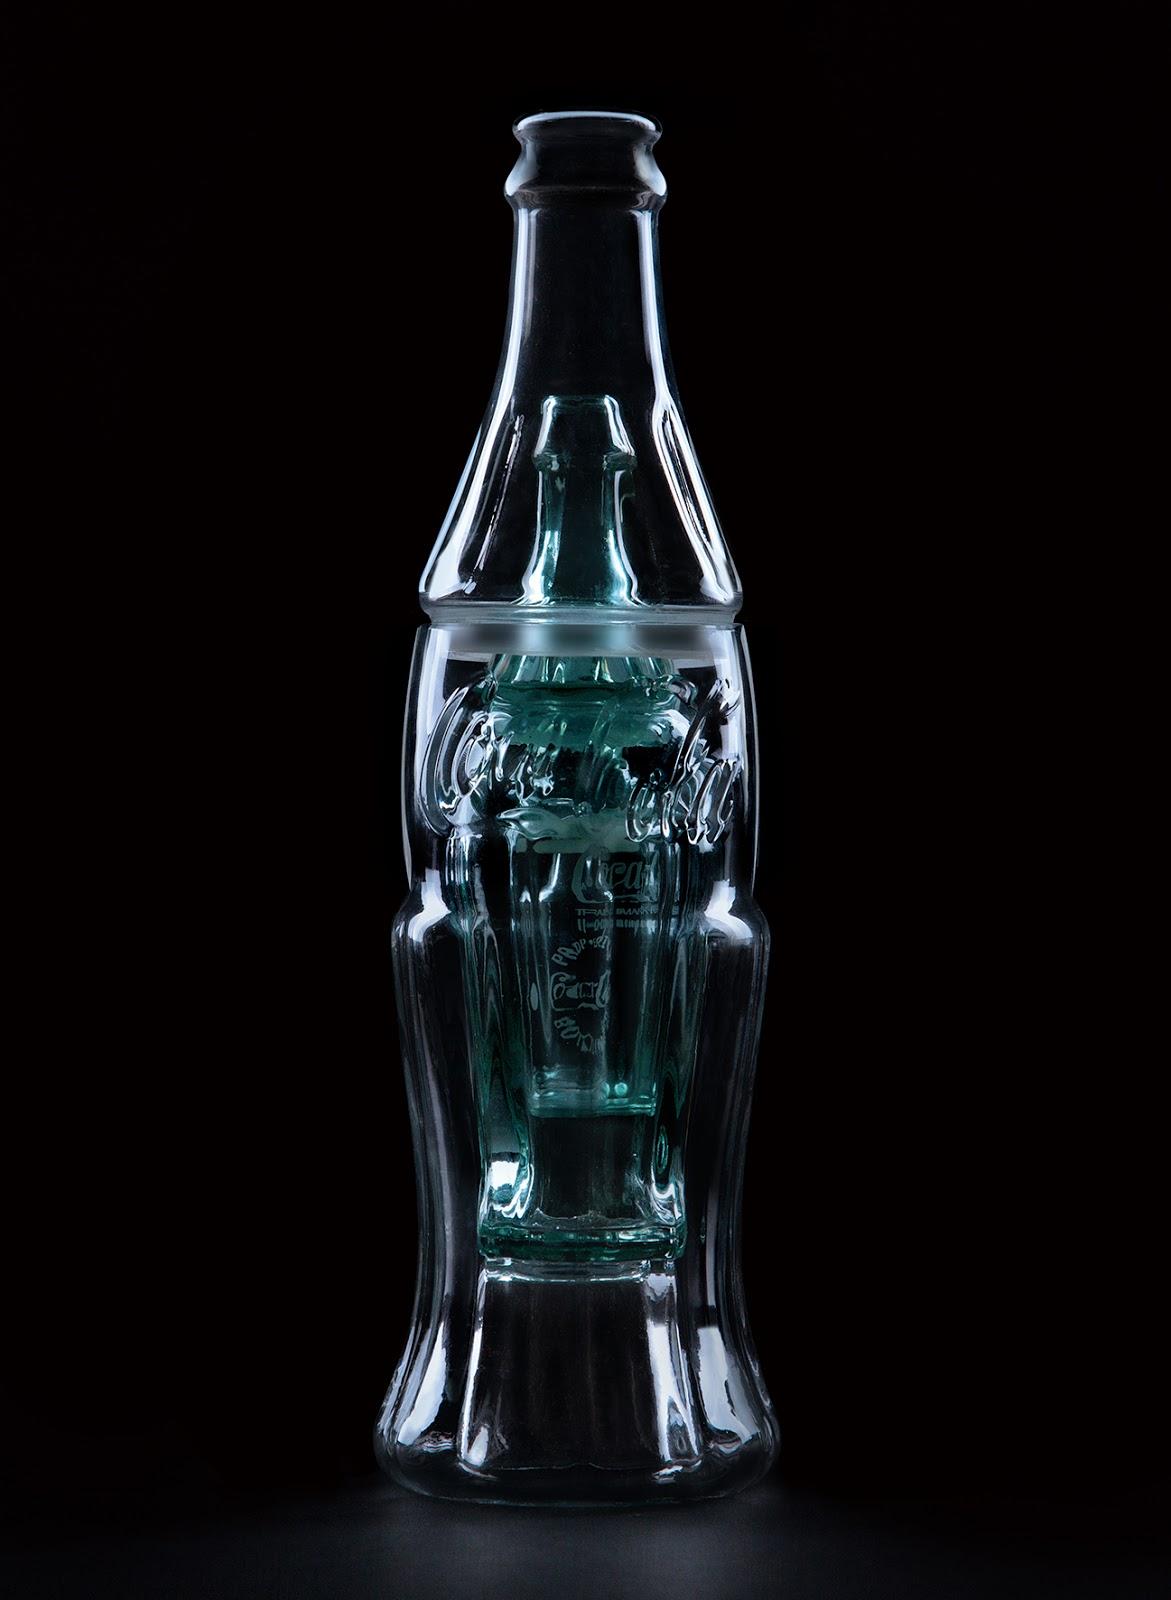 Coca-cola-100 years contour bottle-wcie